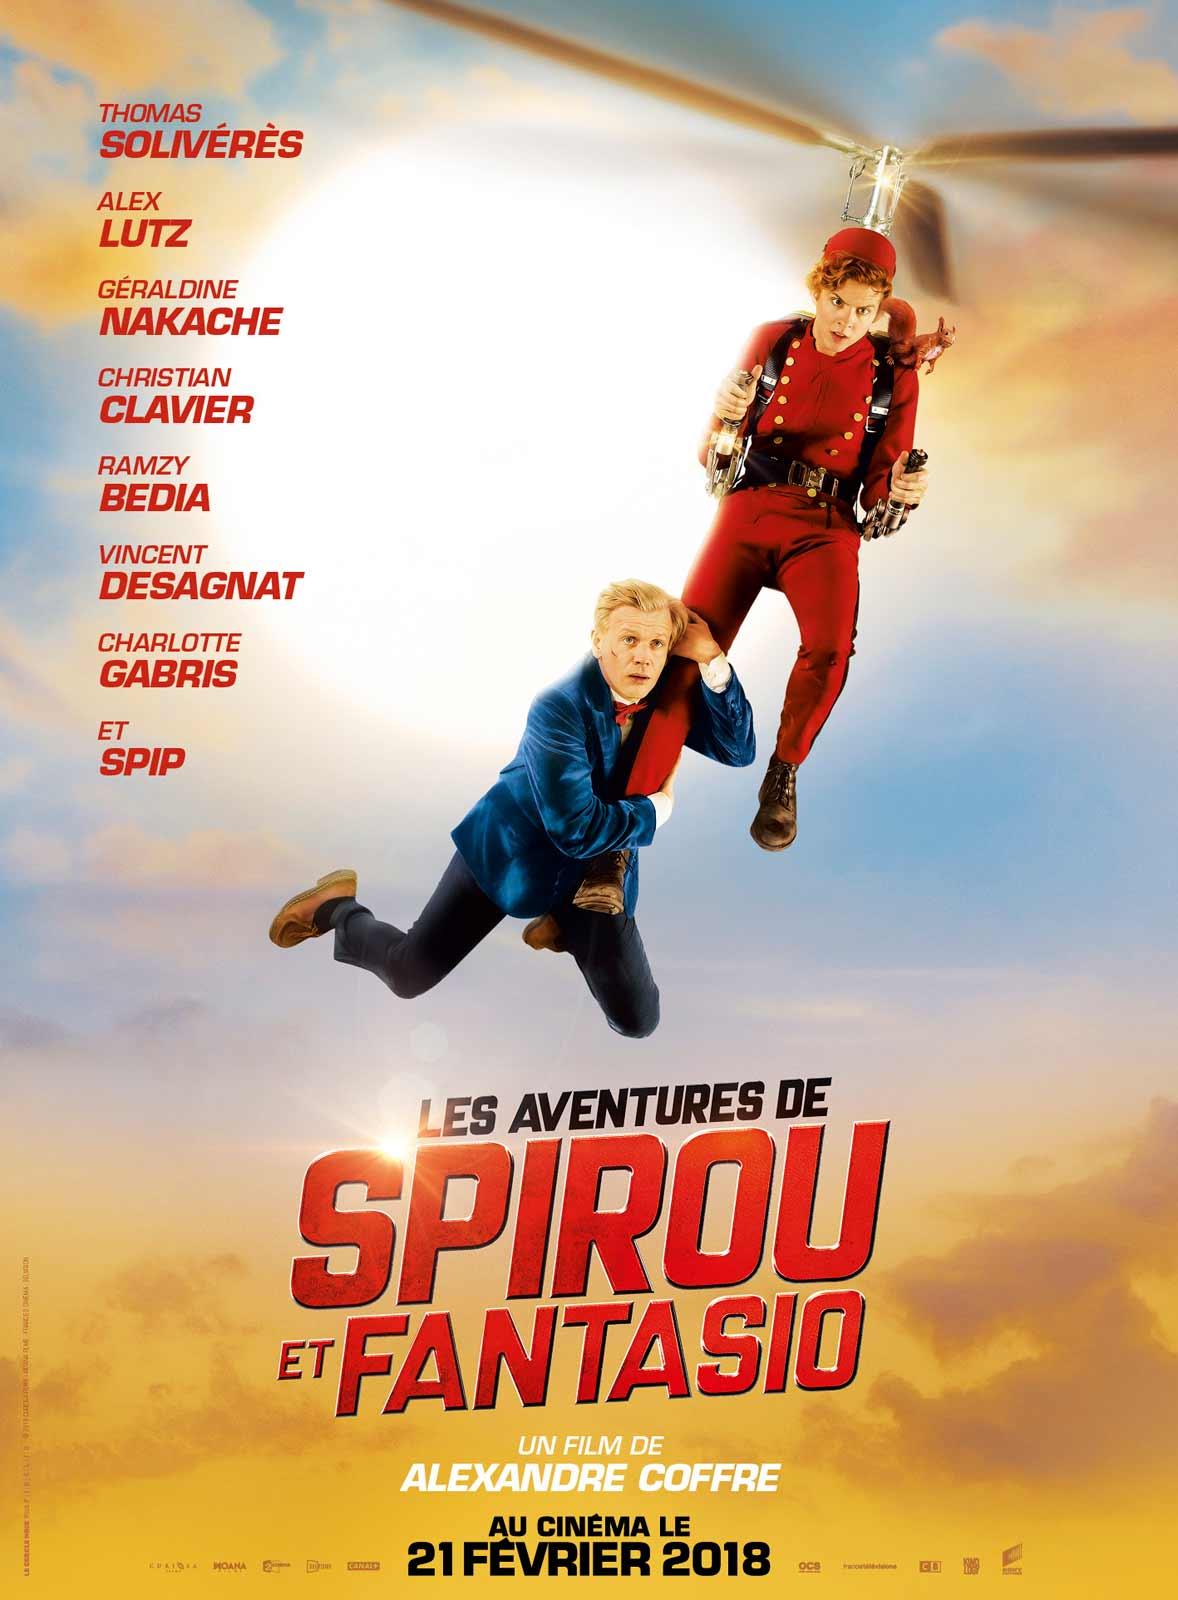 Extrem Les Aventures de Spirou et Fantasio - film 2018 - AlloCiné SJ73